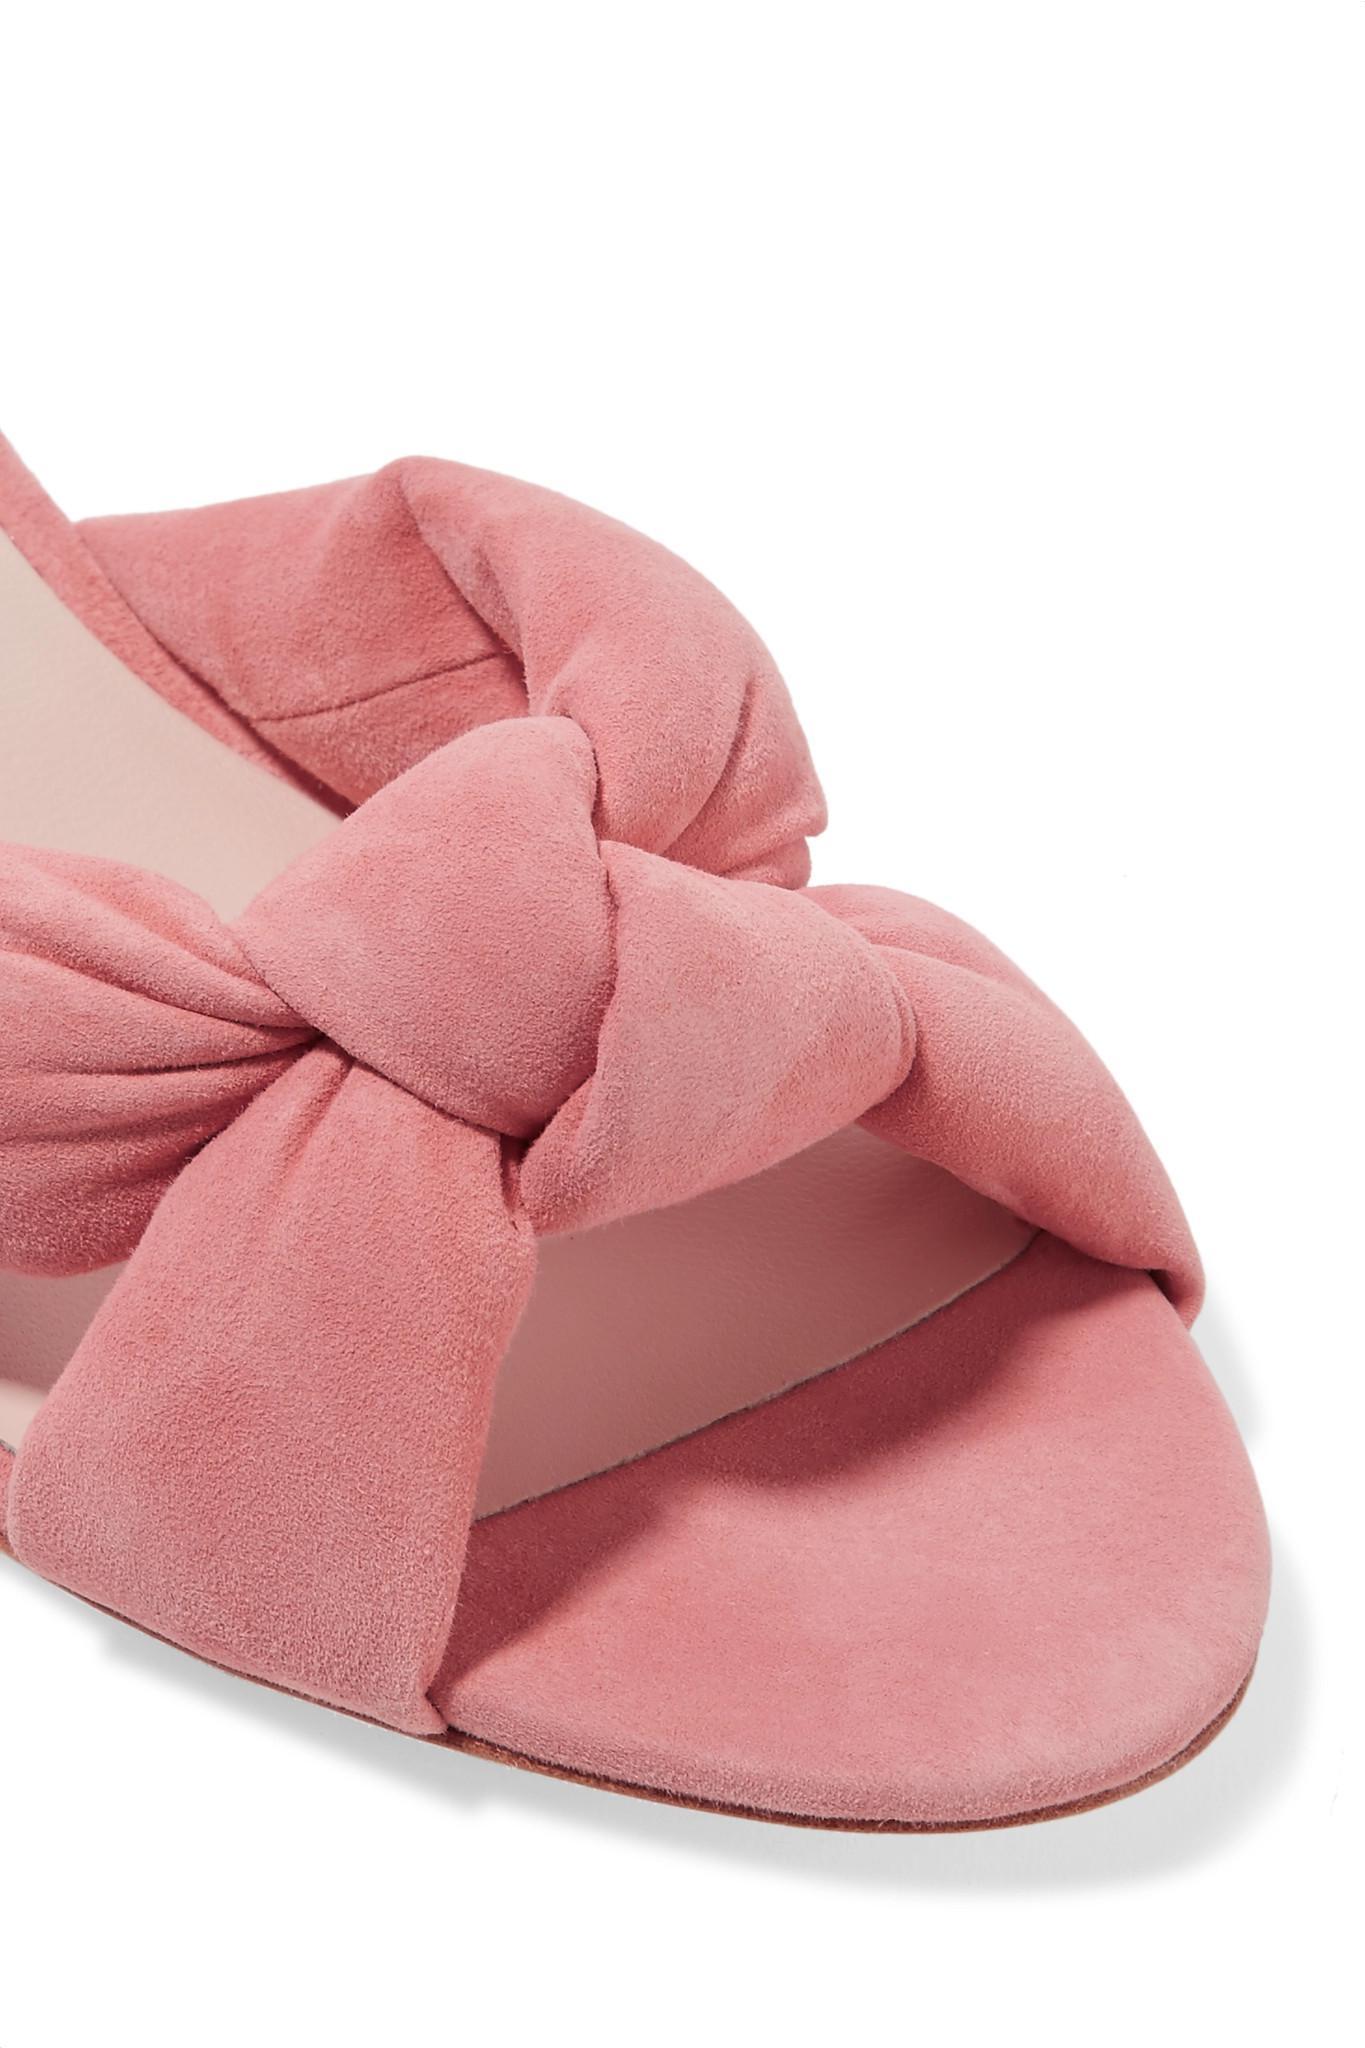 56b2569ee4 Loeffler Randall Elsie Knotted Suede Sandals in Pink - Lyst